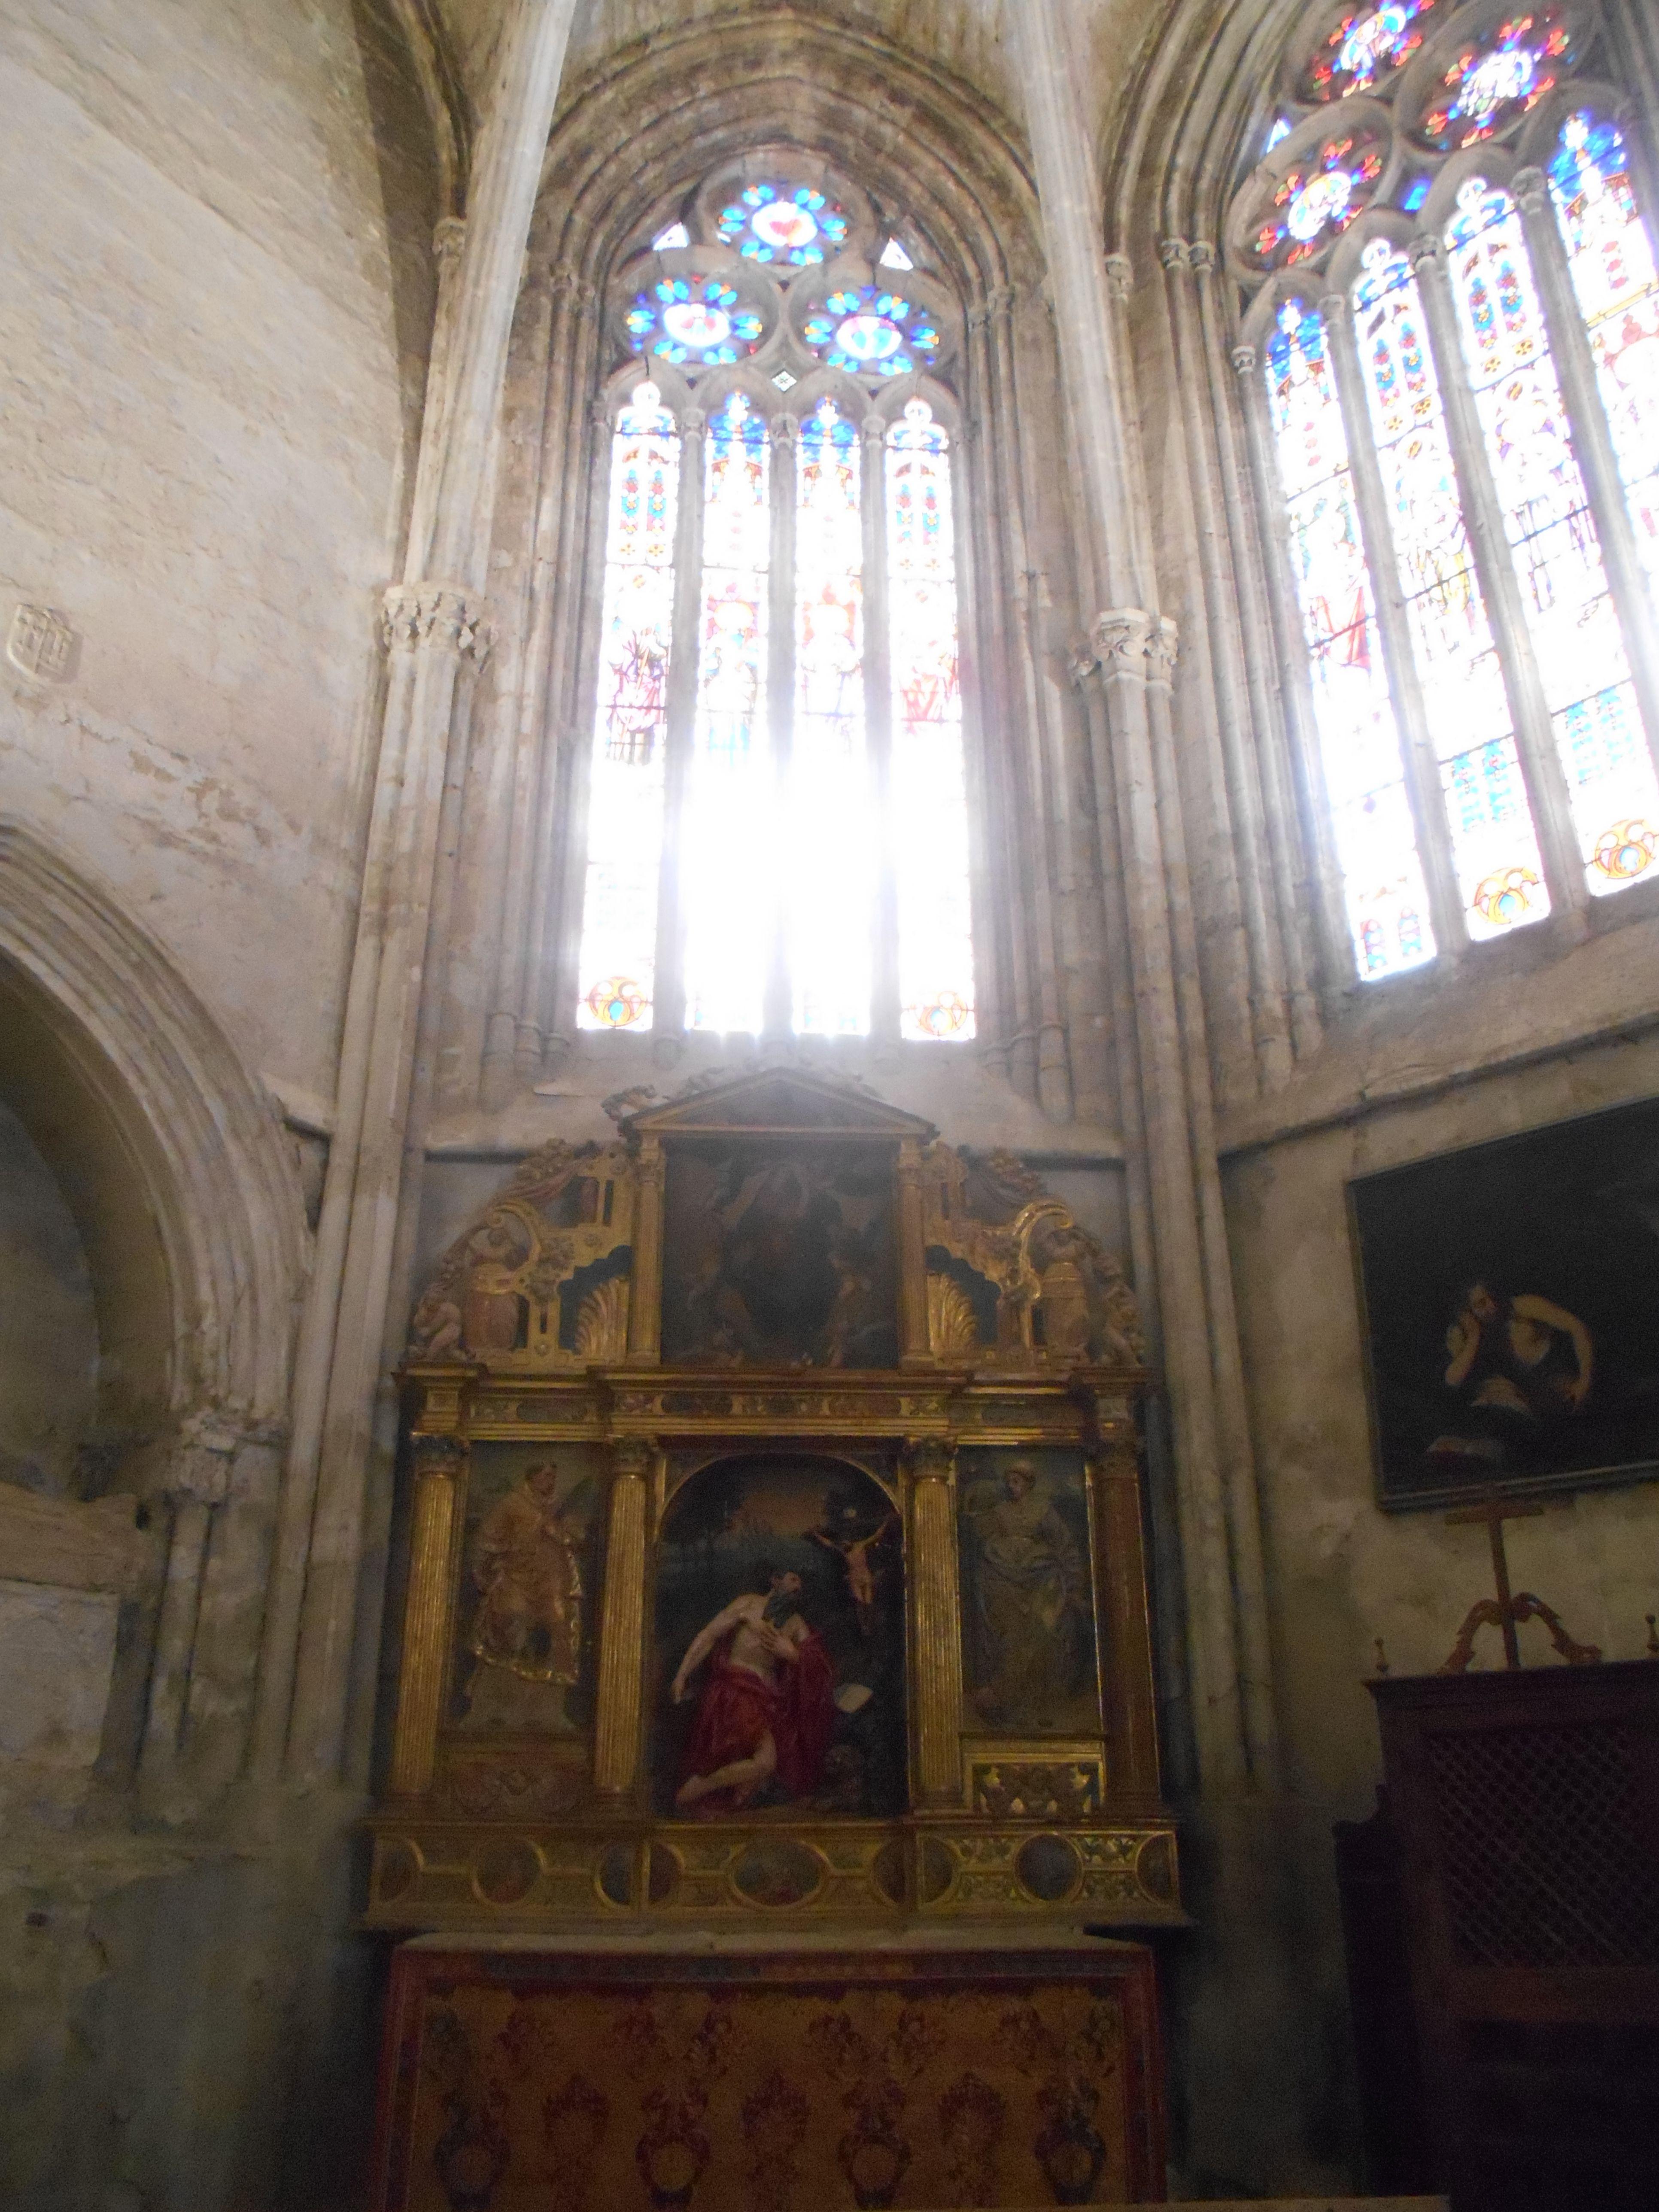 Retablo con San Jerónimo y la Magdalena en actitud de penitencia y vidrieras en la que se ven restos de la pìntura de Diego Salcedo en 1542.Capilla de San Isidro o de San Jerónimo